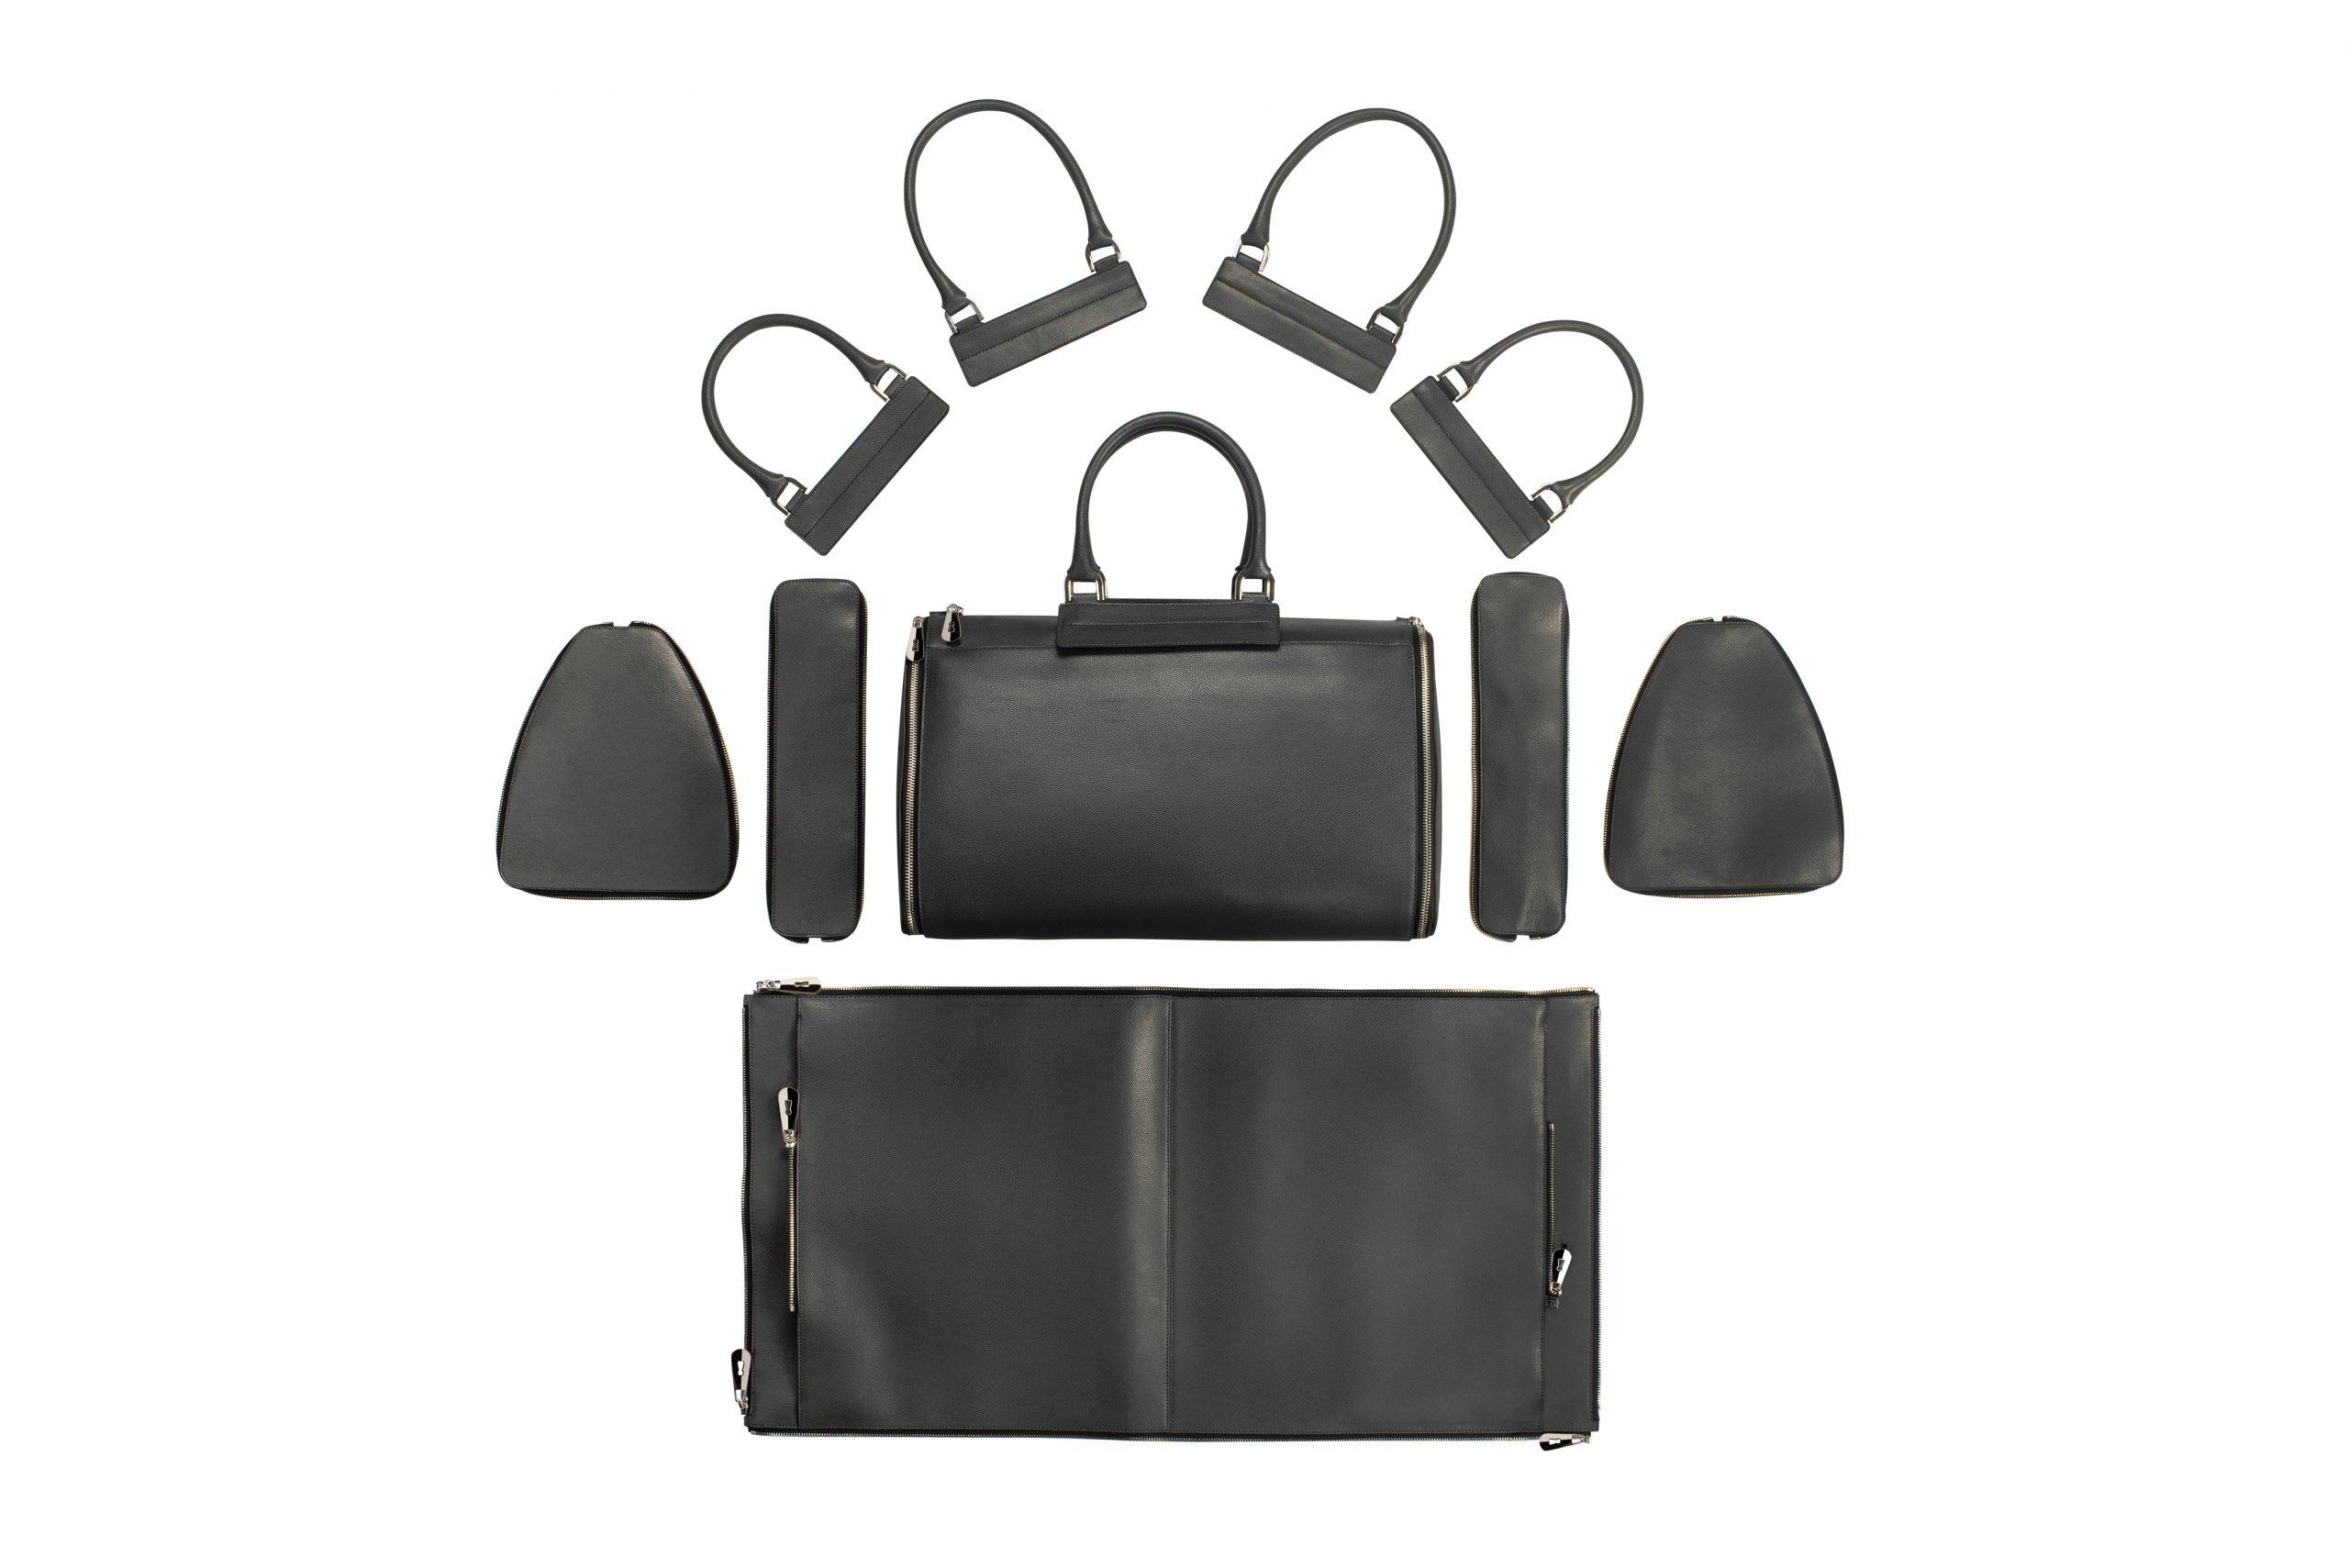 Furla Uomo Modular Bag Pitti Immagine 87 Borsa Viaggio 24 Ore 2014